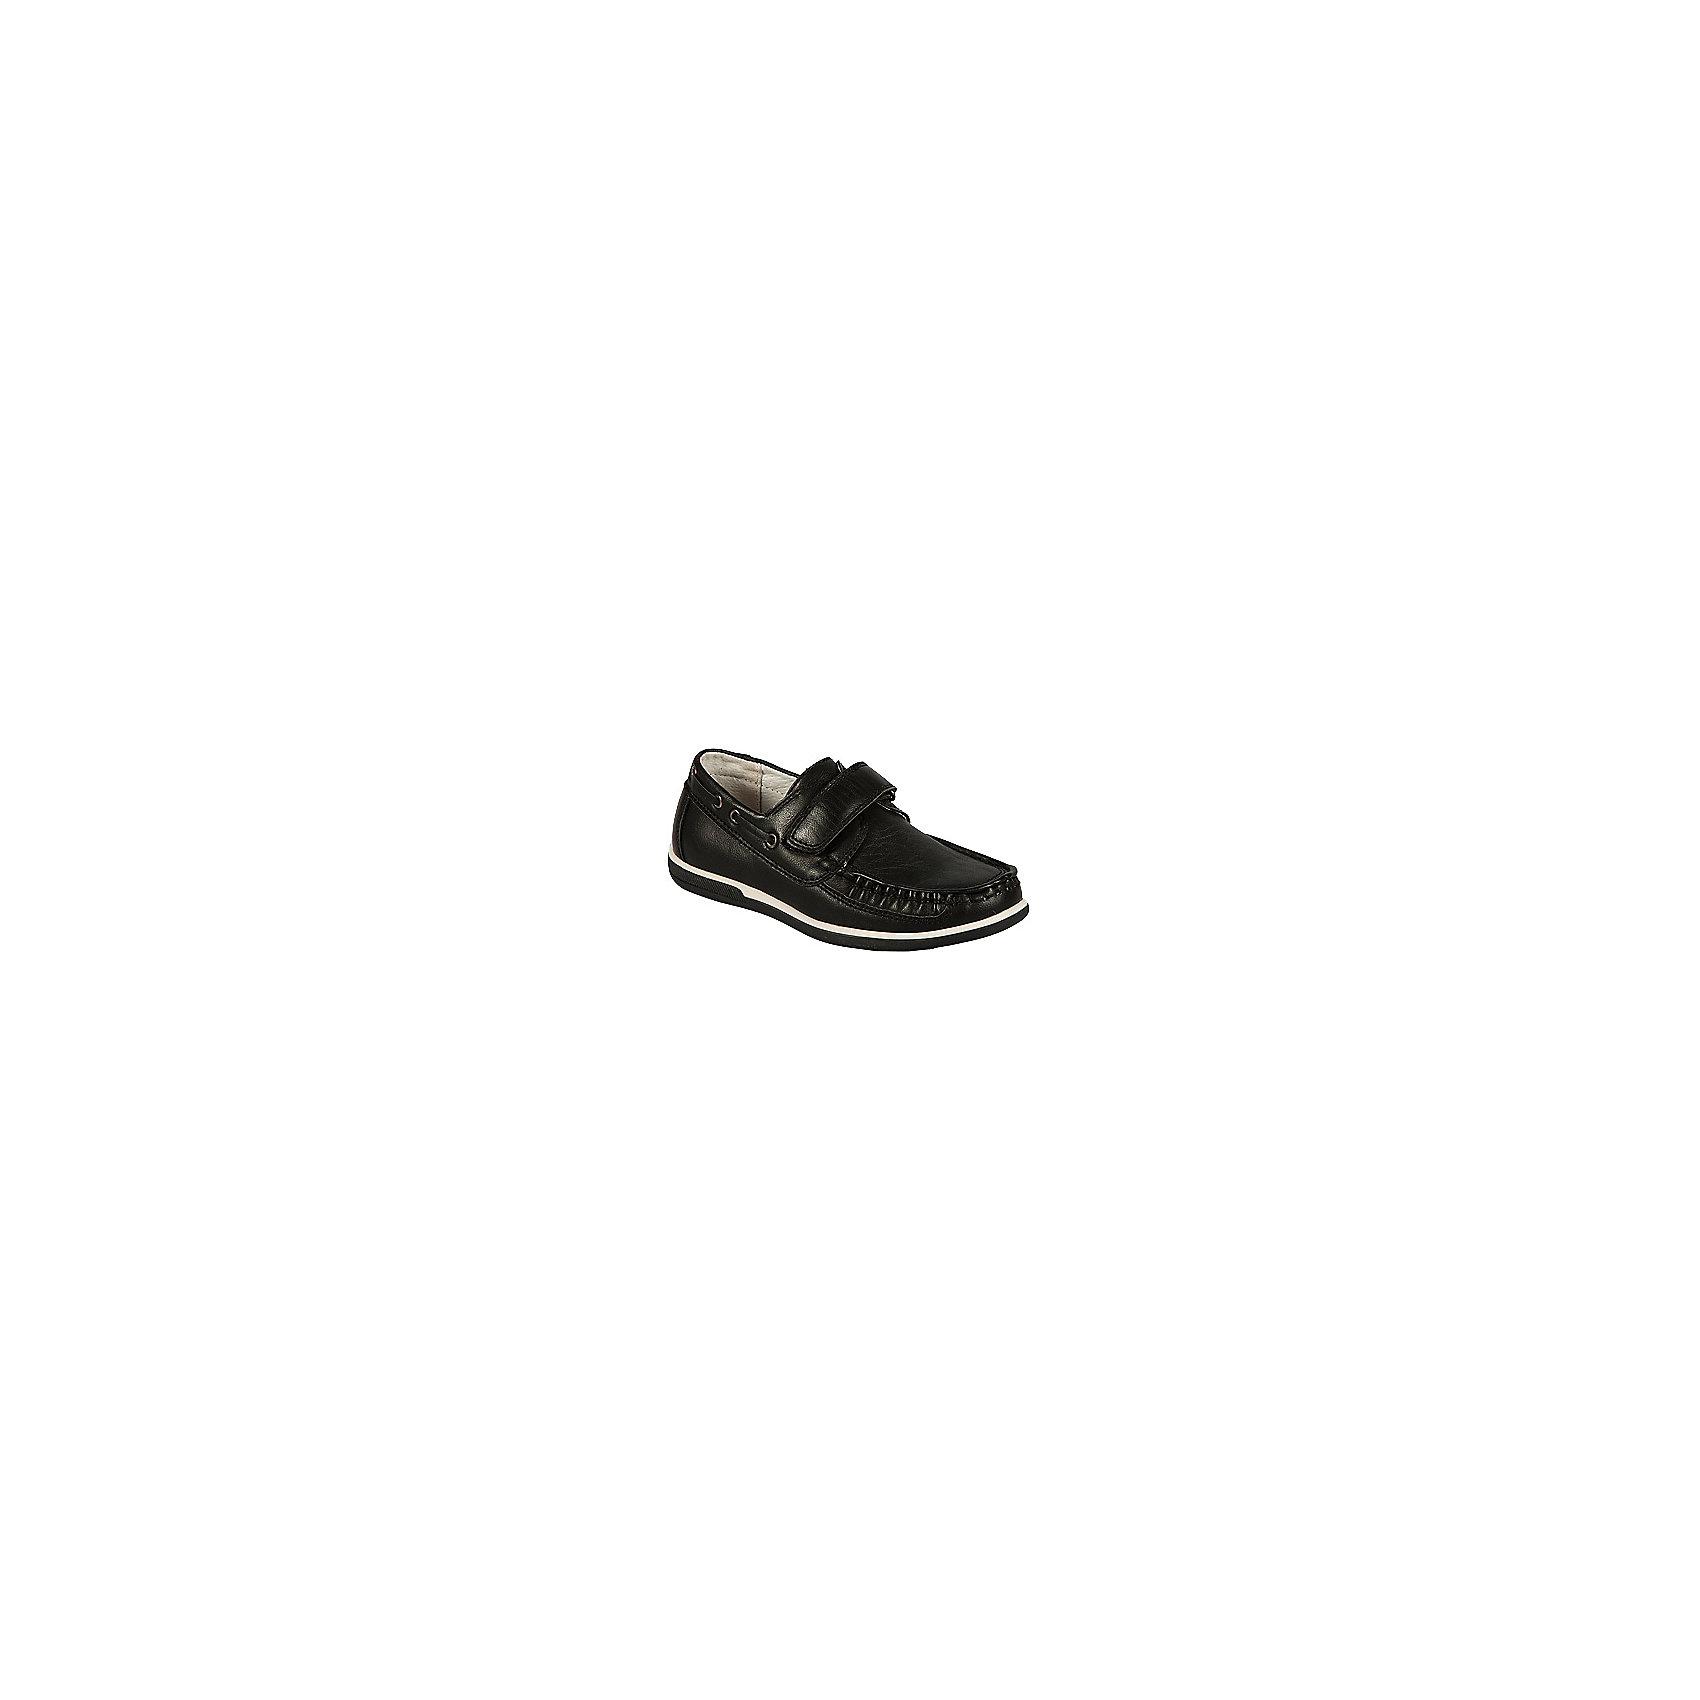 Полуботинки для мальчика ЗебраПолуботинки для мальчика от известного российского бренда детской обуви Зебра.<br>Классические черные полуботинки станут универсальной обувью для школы. Они эффектно смотрятся благодаря модному дизайну и качественному исполнению.<br>Отличительные особенности модели:<br>- цвет черный;<br>- комфортная колодка;<br>- устойчивая износостойкая подошва;<br>- удобные застежки-липучки;<br>- мягкий верхний кант для предотвращения потертостей;<br>- материал подкладки – натуральная кожа.<br>Дополнительная информация:<br>- Температурный режим: от + 5° С  до + 20° С.<br>- Состав:<br>материал верха: искусственная кожа<br>материал подкладки: натуральная кожа<br>подошва: ТЭП.<br>Полуботинки для мальчика от бренда Зебра можно купить в нашем магазине.<br><br>Ширина мм: 262<br>Глубина мм: 176<br>Высота мм: 97<br>Вес г: 427<br>Цвет: черный<br>Возраст от месяцев: 144<br>Возраст до месяцев: 156<br>Пол: Мужской<br>Возраст: Детский<br>Размер: 36,37,34,32,33,35<br>SKU: 4101327